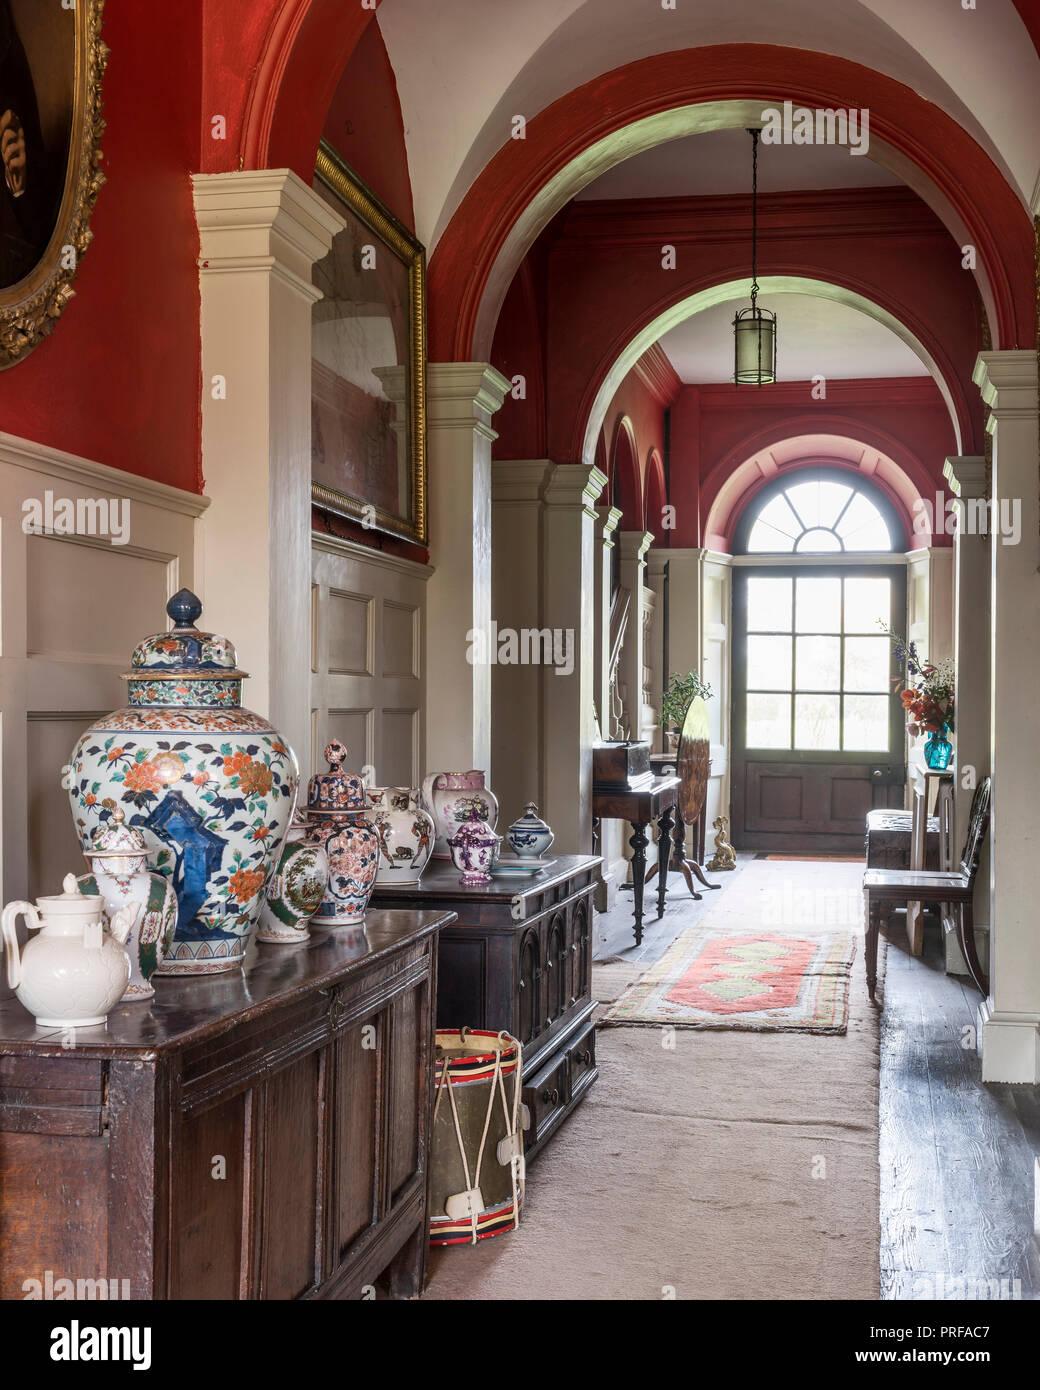 Rojo corredor georgiano arqueada revestido con porcelana oriental y  cerámica decorativa Imagen De Stock b961efa74470